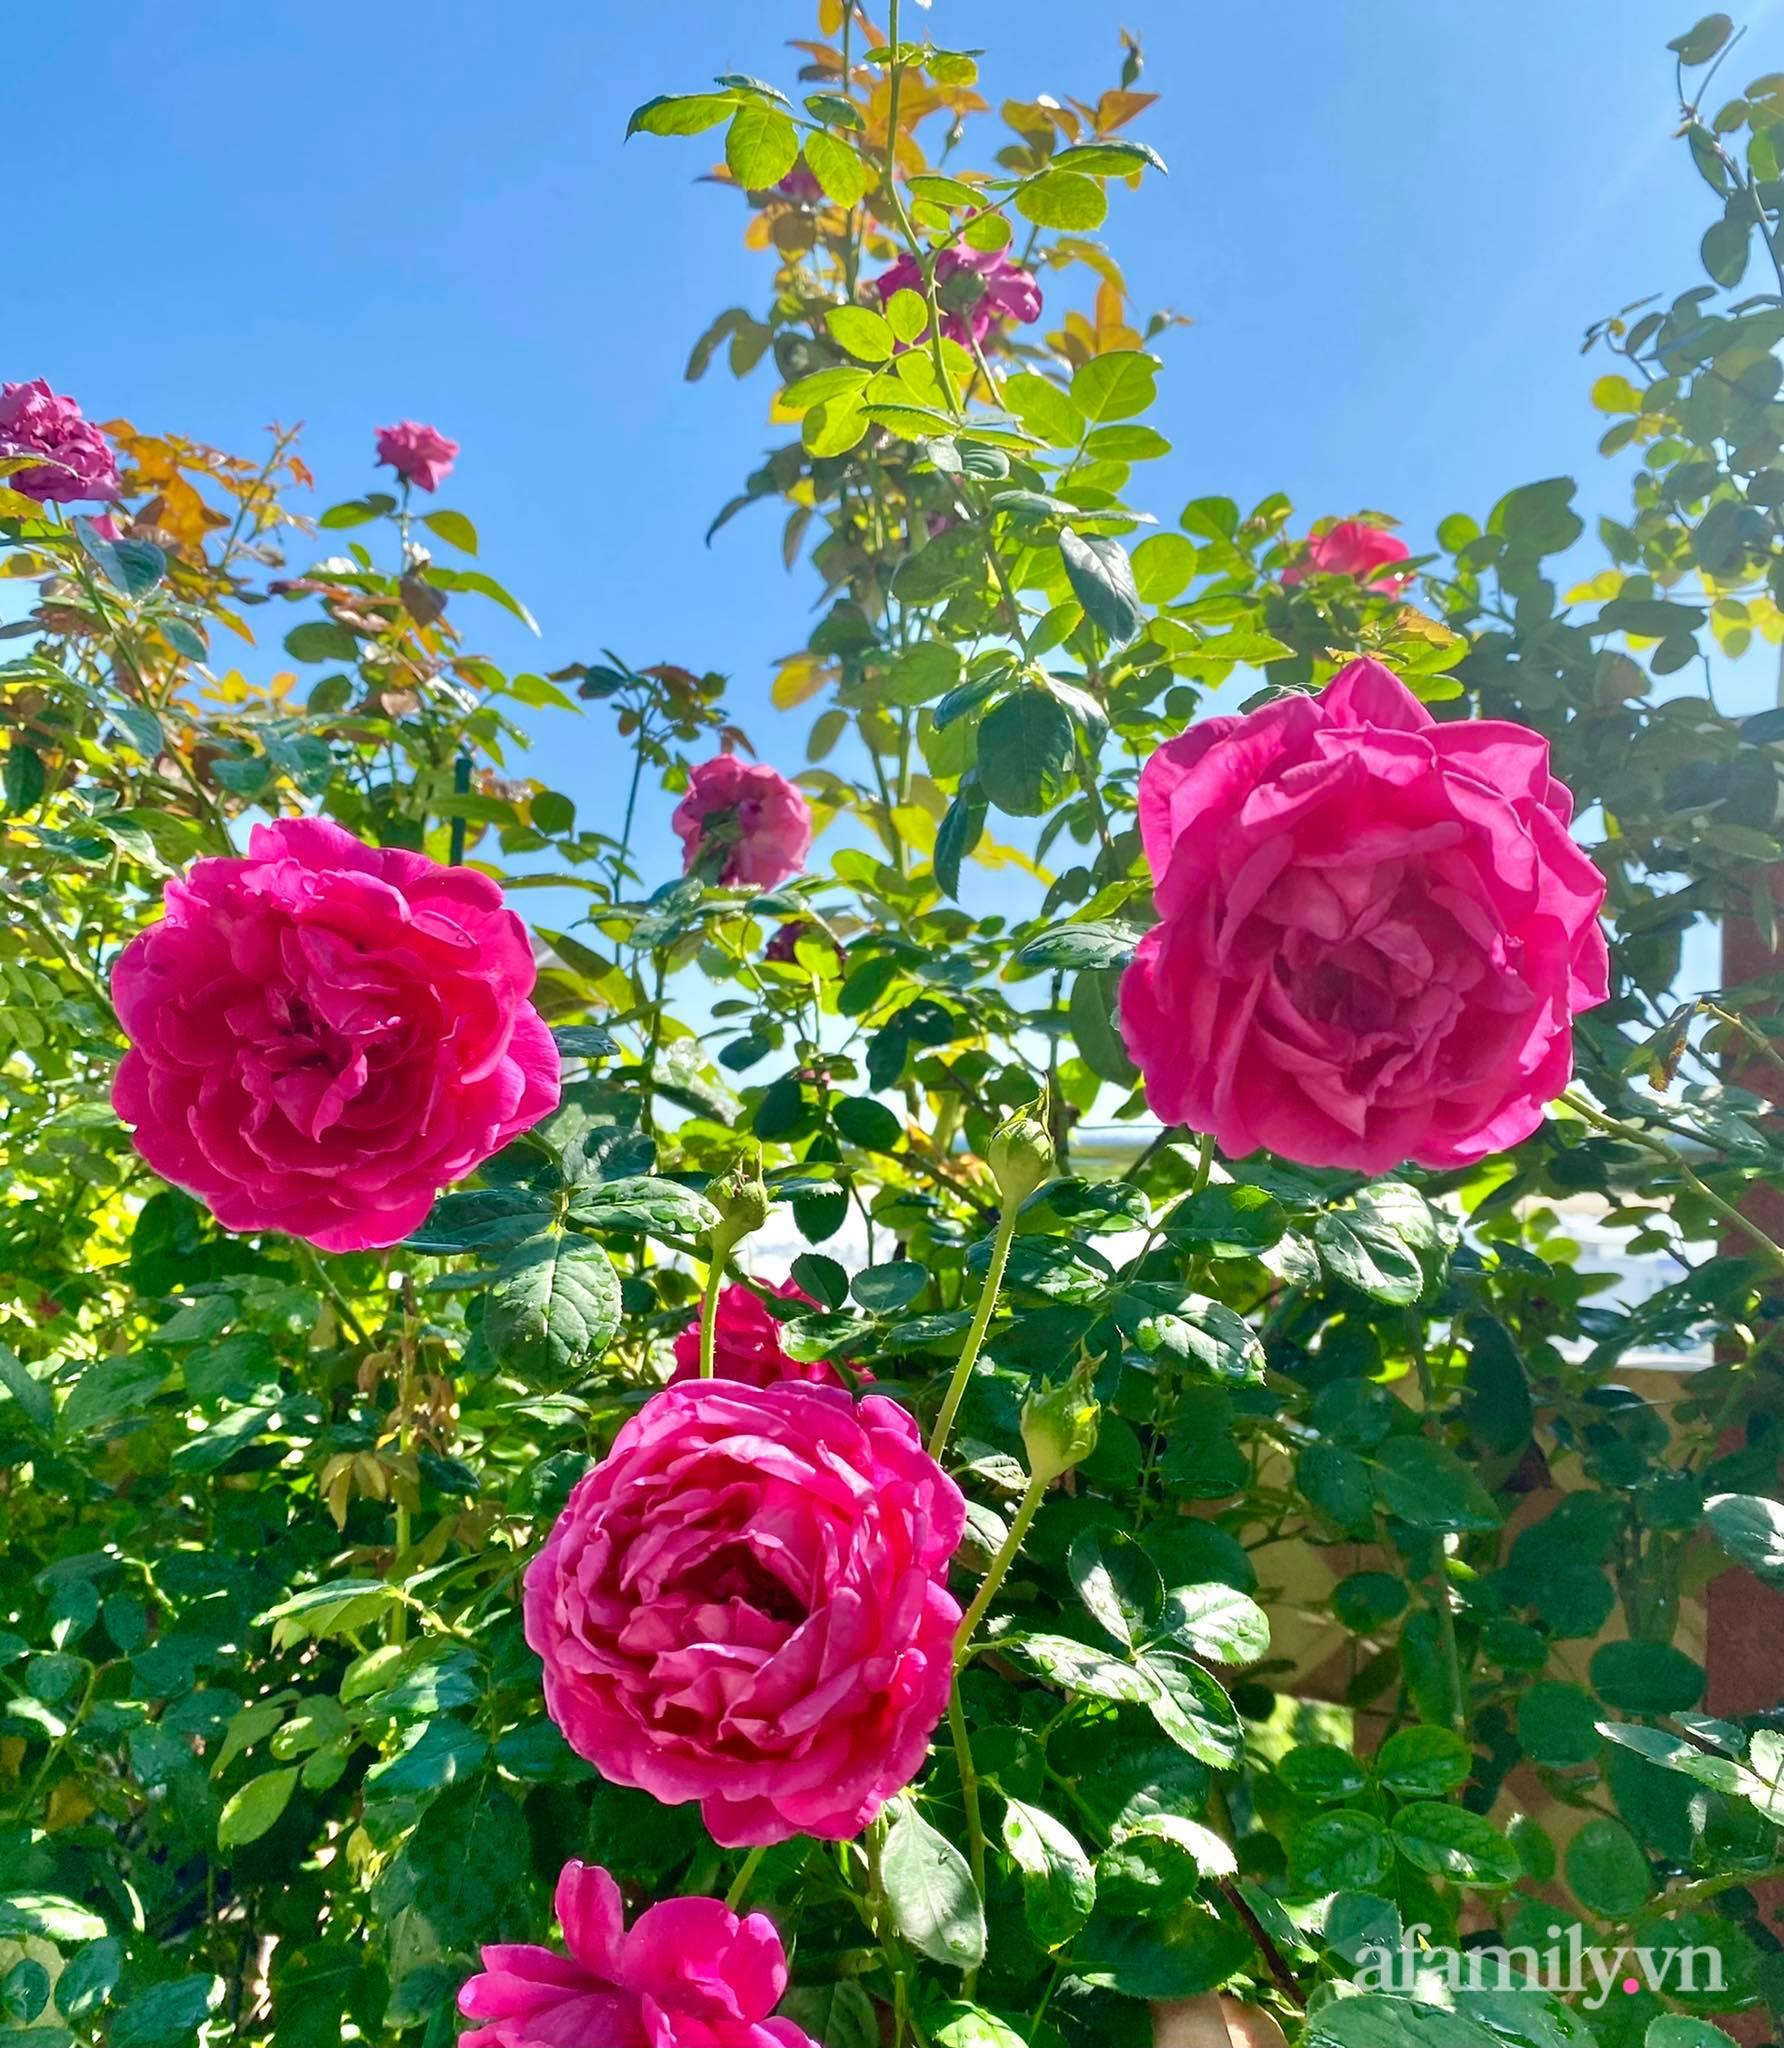 Sân thượng phủ kín hoa hồng và rau quả sạch ở Sài Gòn của Hoa hậu Janny Thủy Trần-10